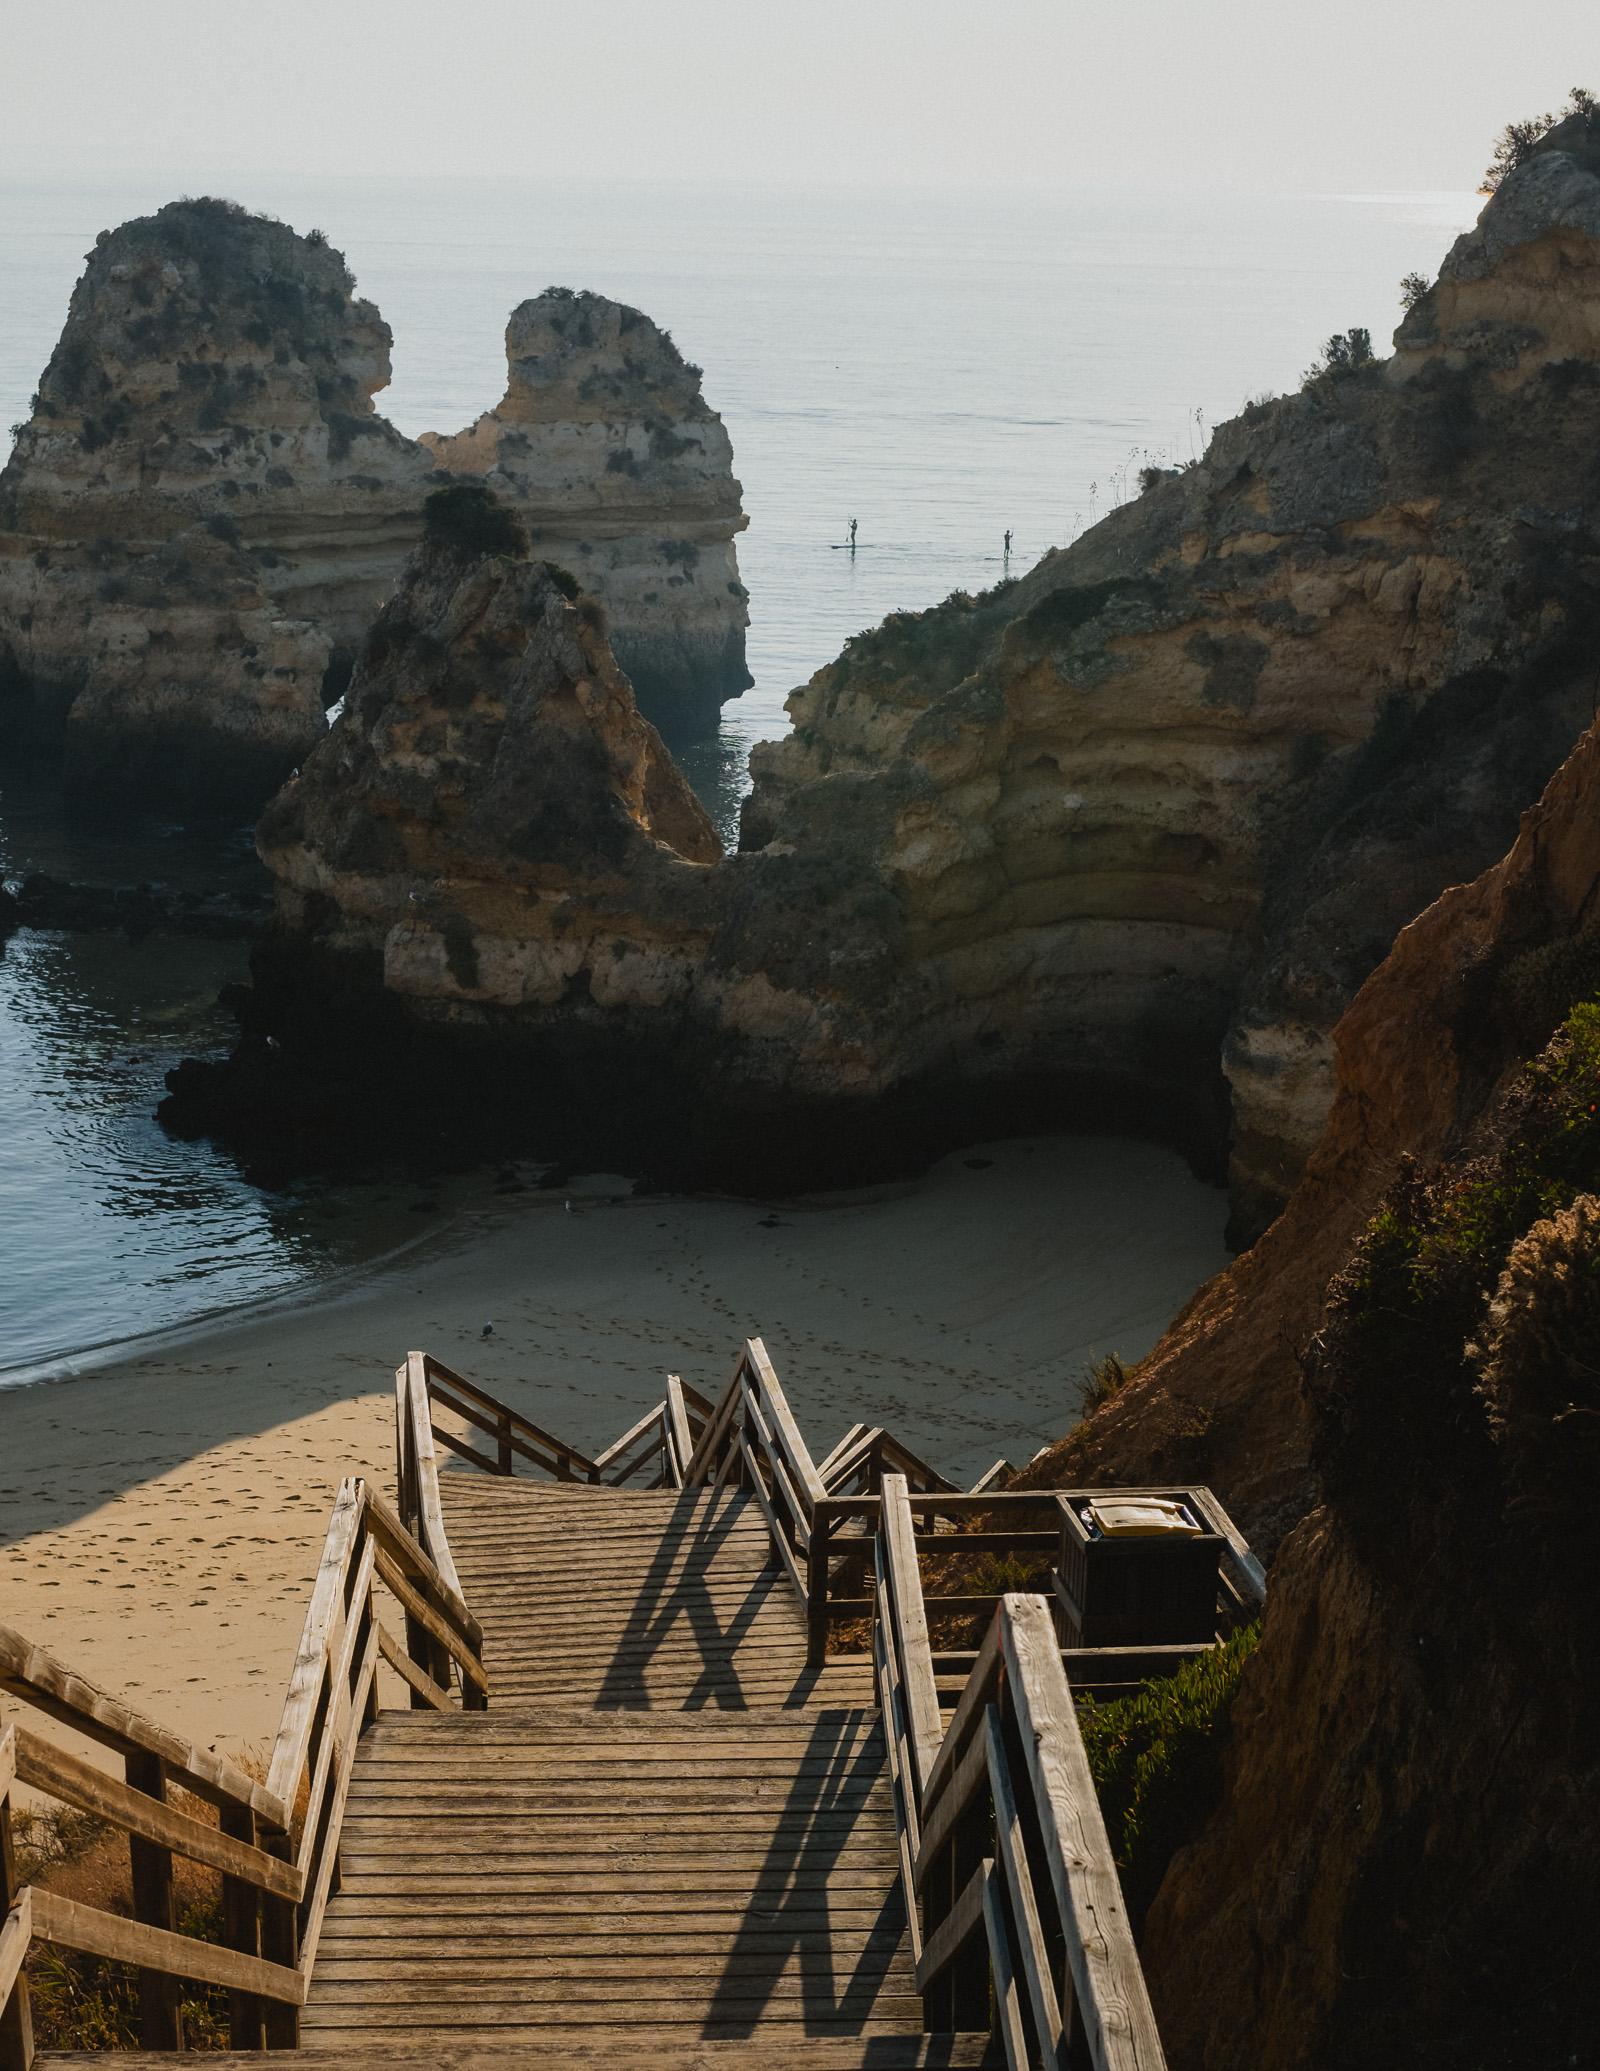 praia-da-camilo-stairs.jpg